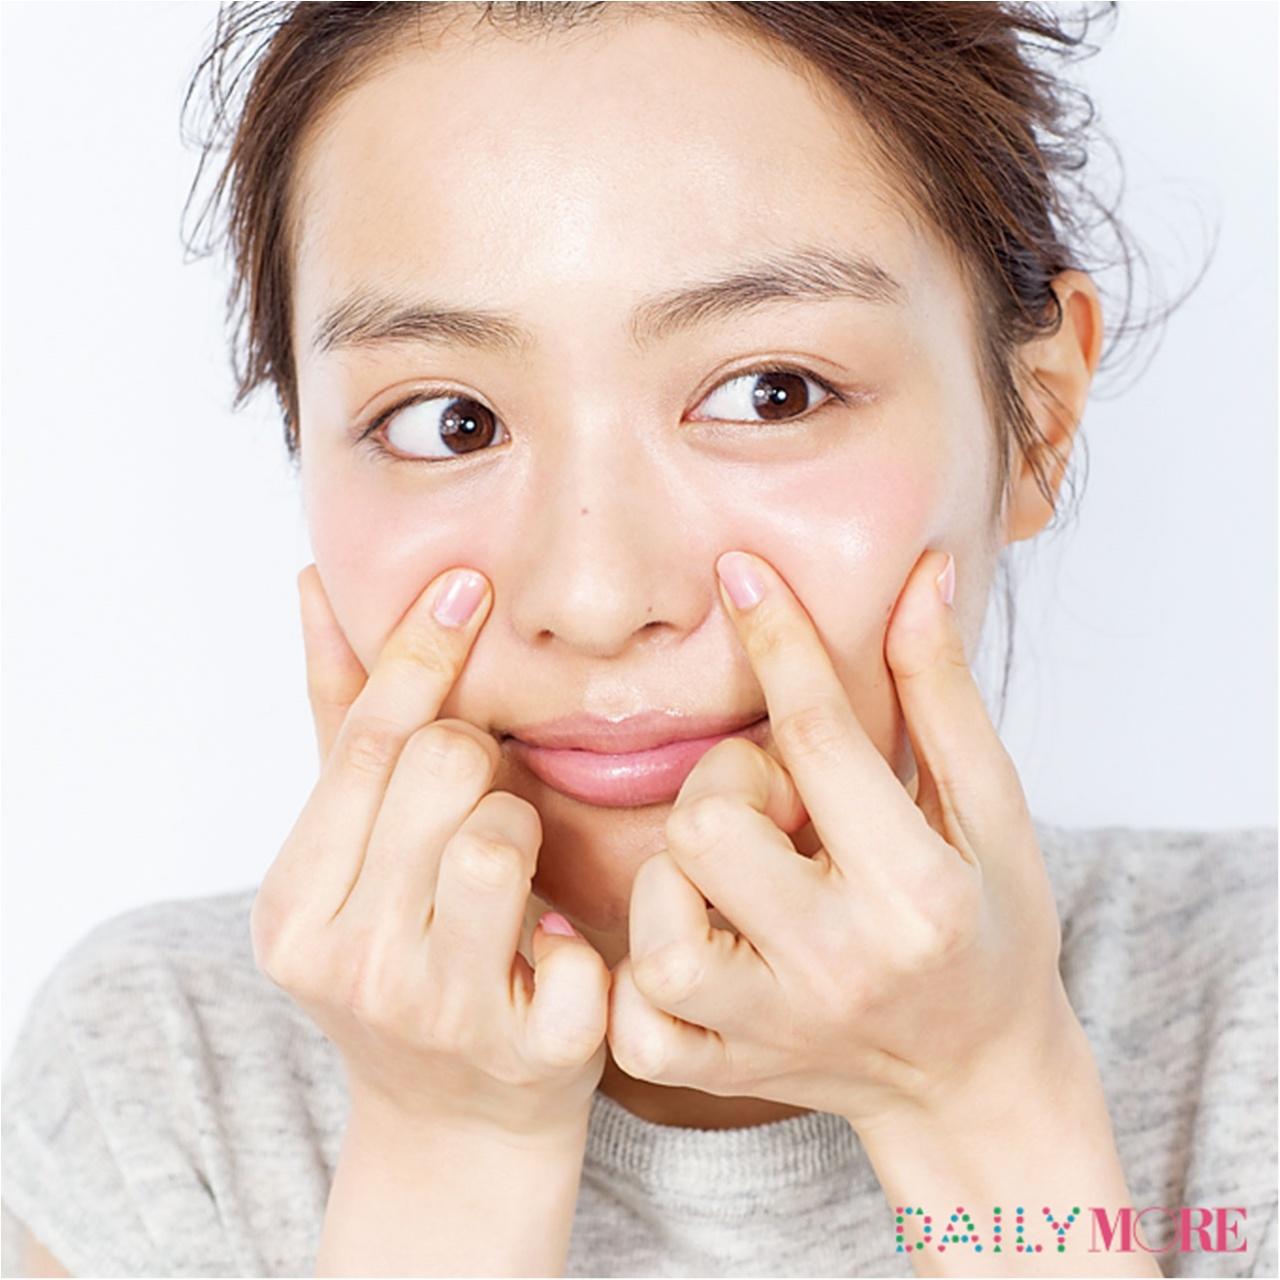 小顔マッサージ特集 - すぐにできる! むくみやたるみを解消してすっきり小顔を手に入れる方法_85